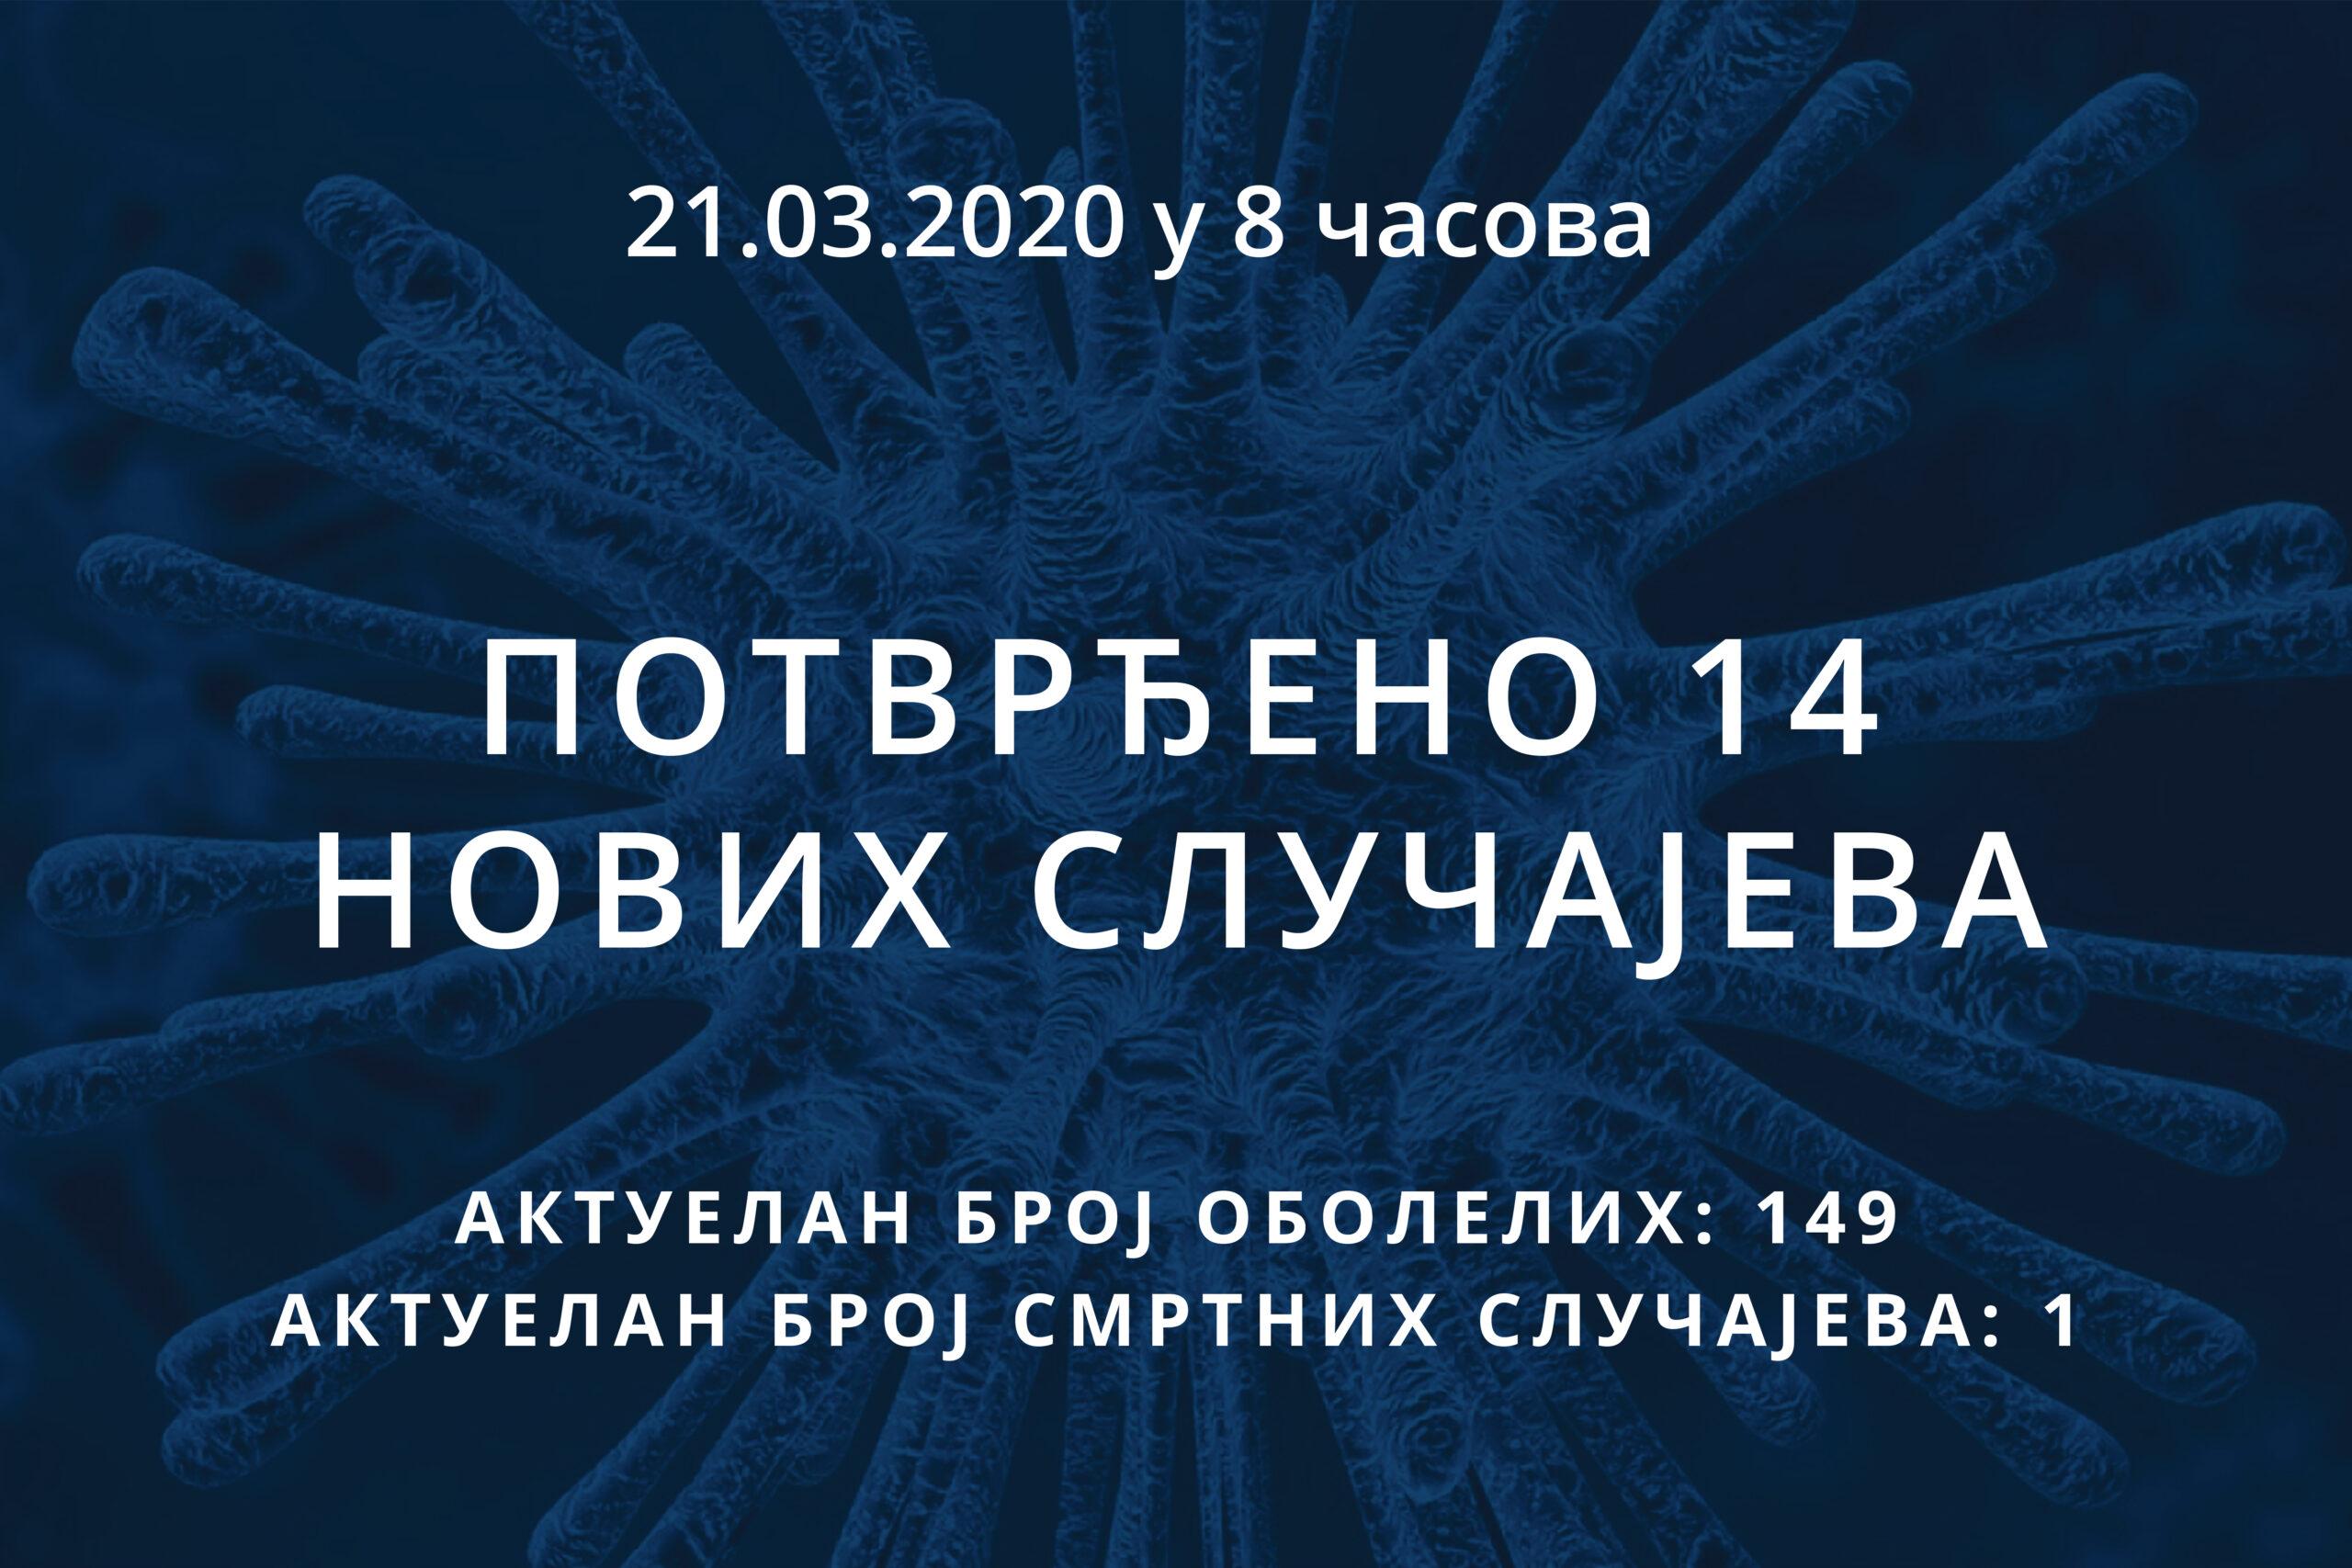 Информације о корона вирусу COVID-19, 21.03.2020 у 8 часова